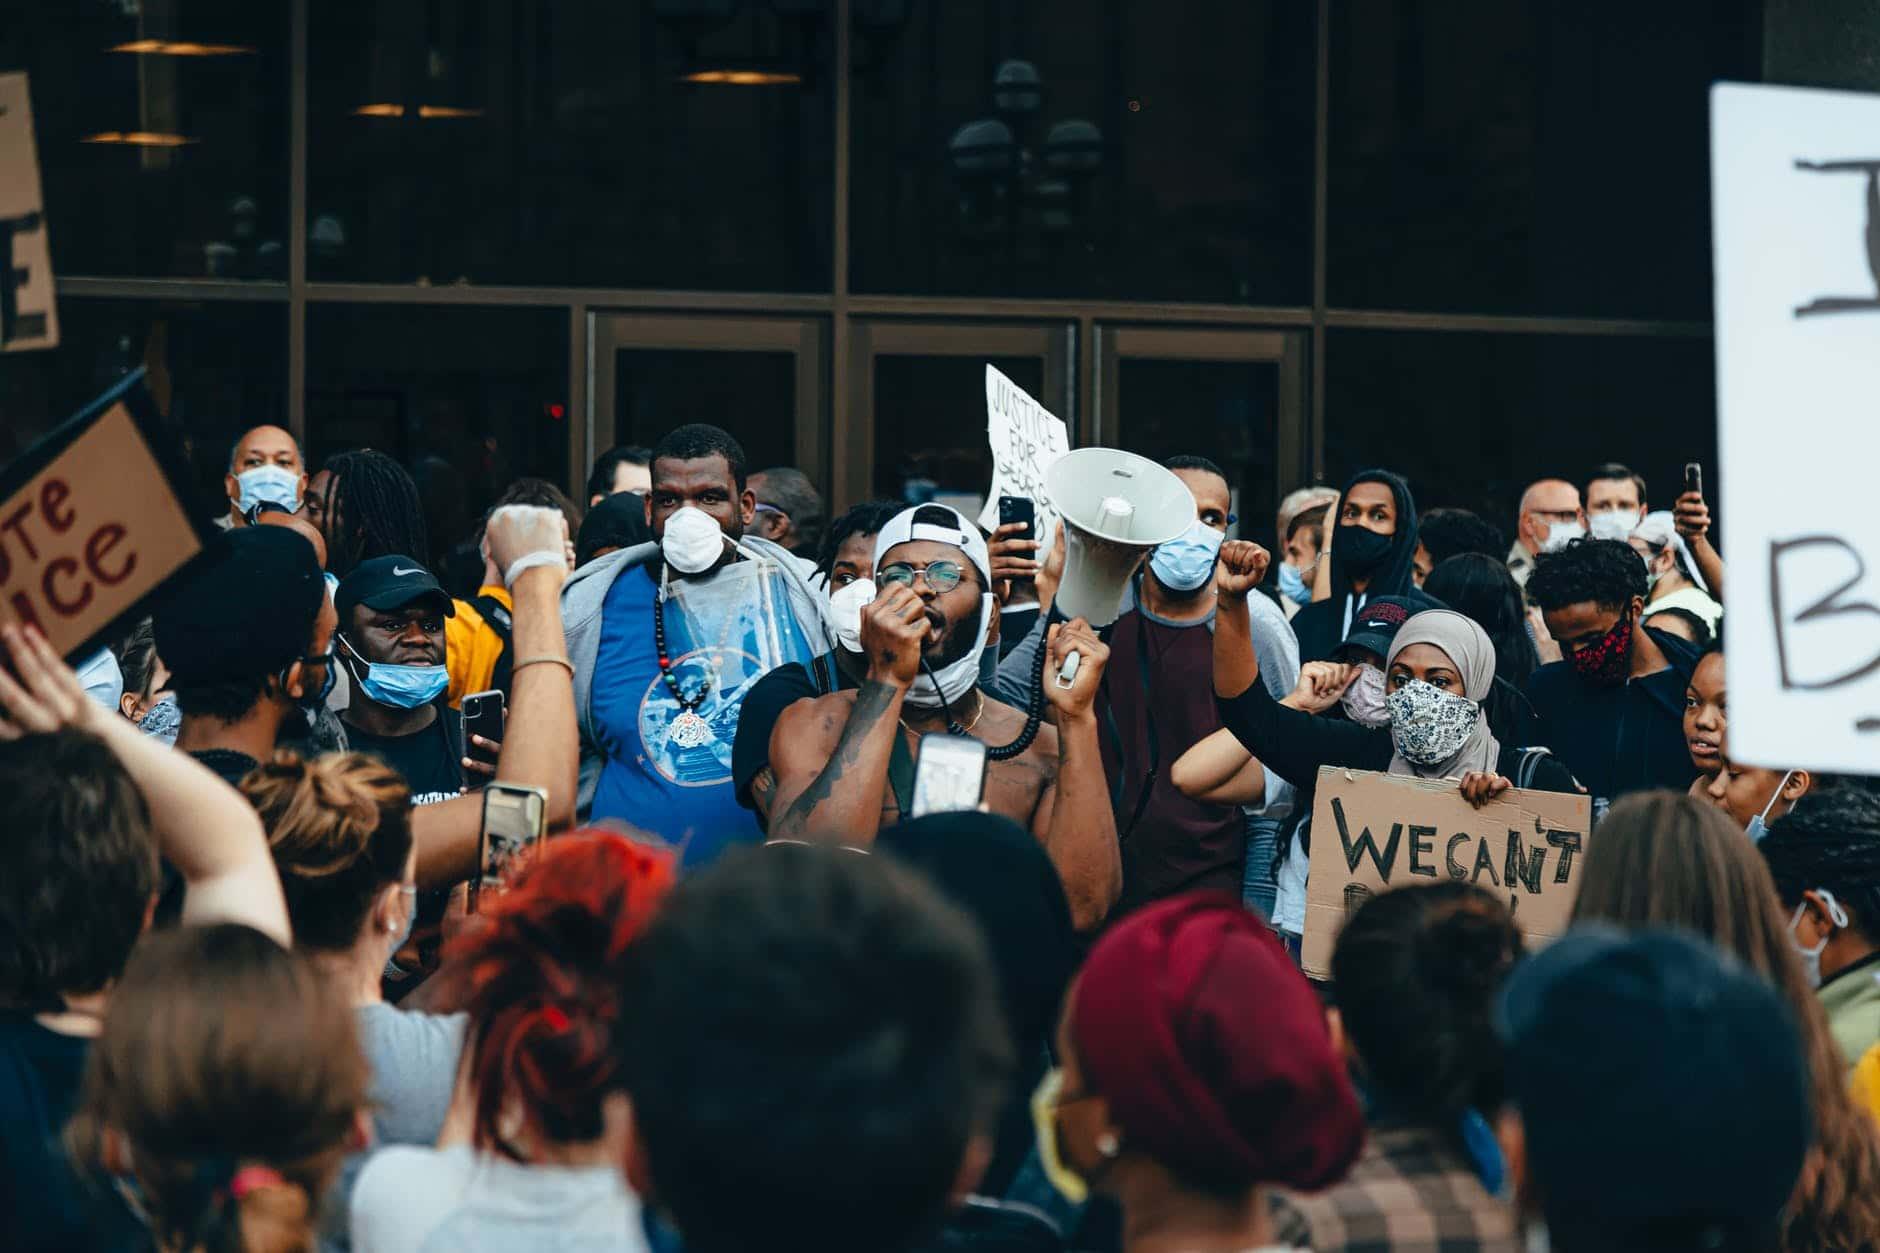 Racismo no Brasil e nos EUA: por que ainda persiste?